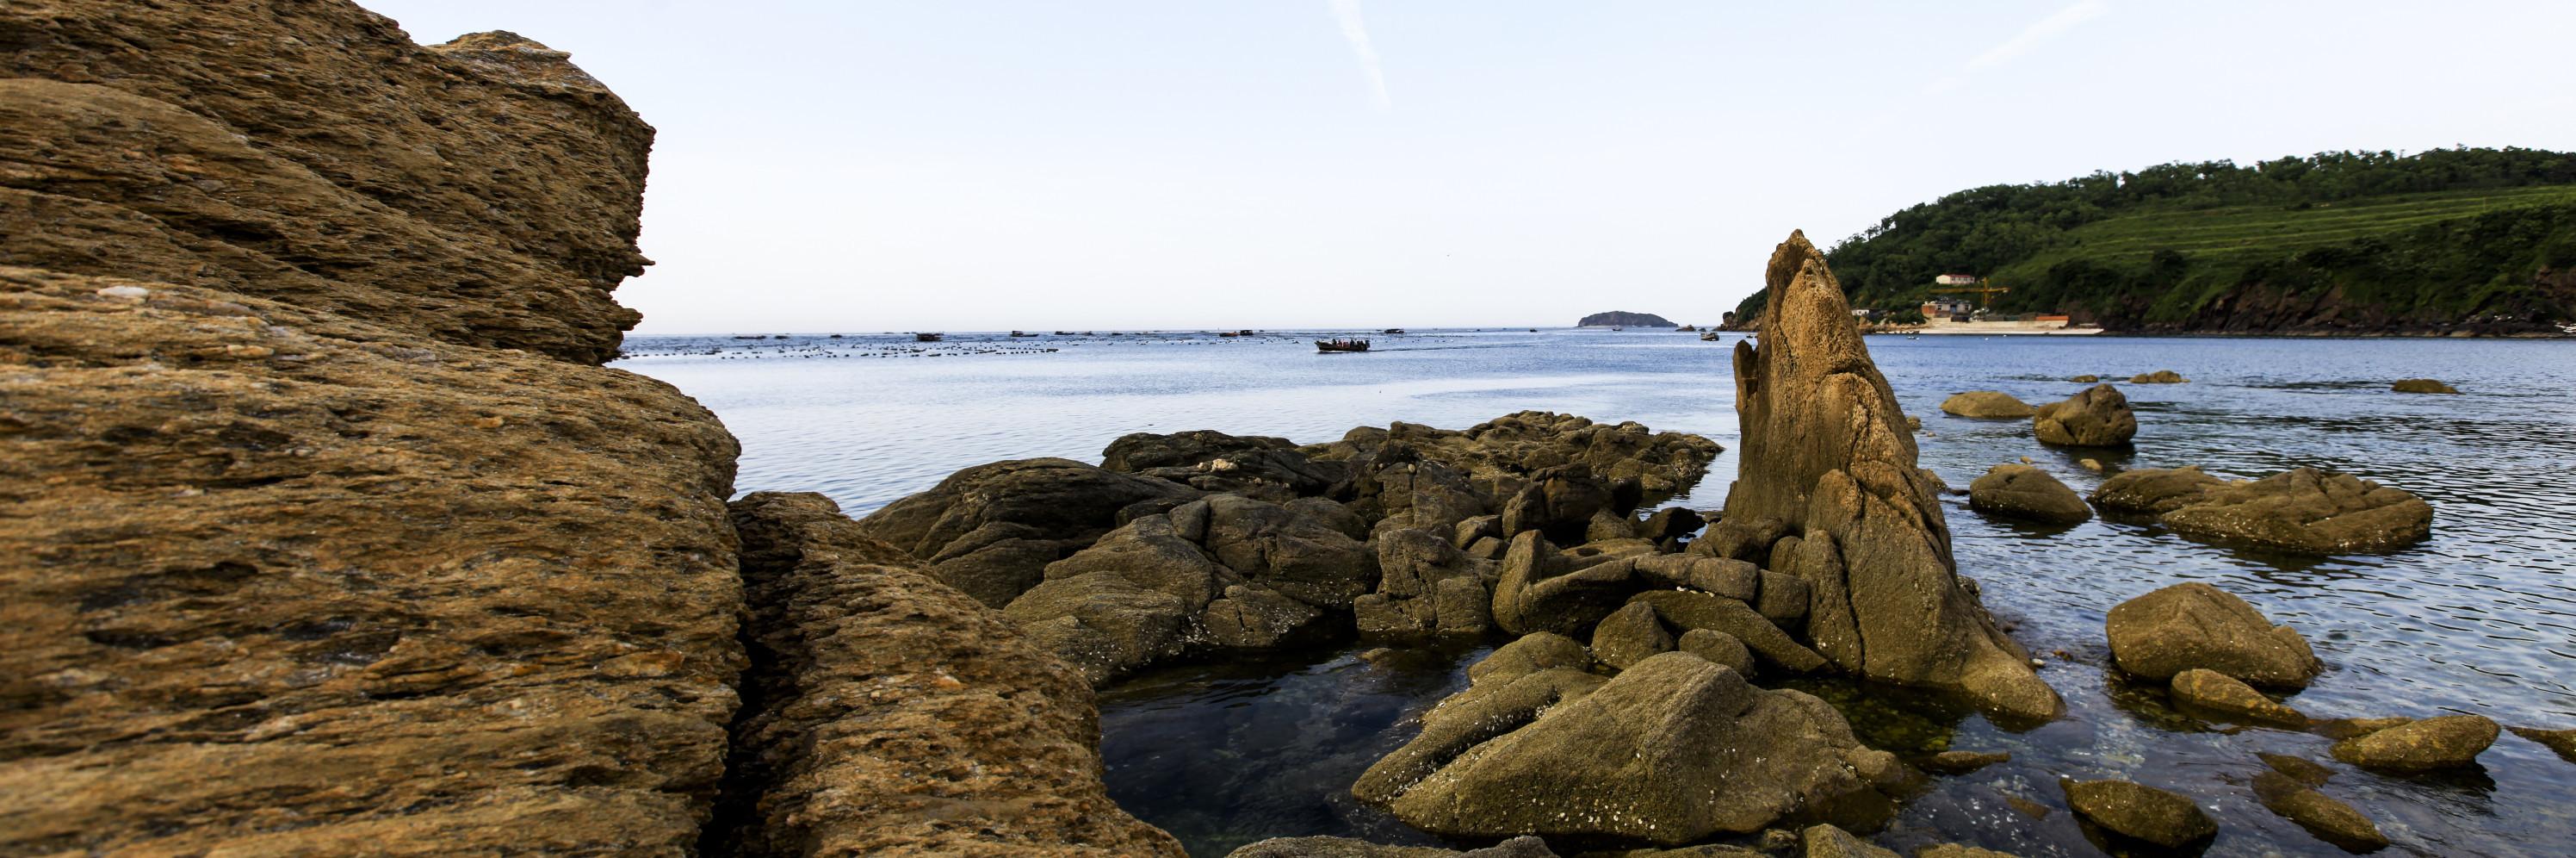 大连订机票电话_掐指一算 你们该来了 海生海长的小岛写给即将来---长海县大长山 ...